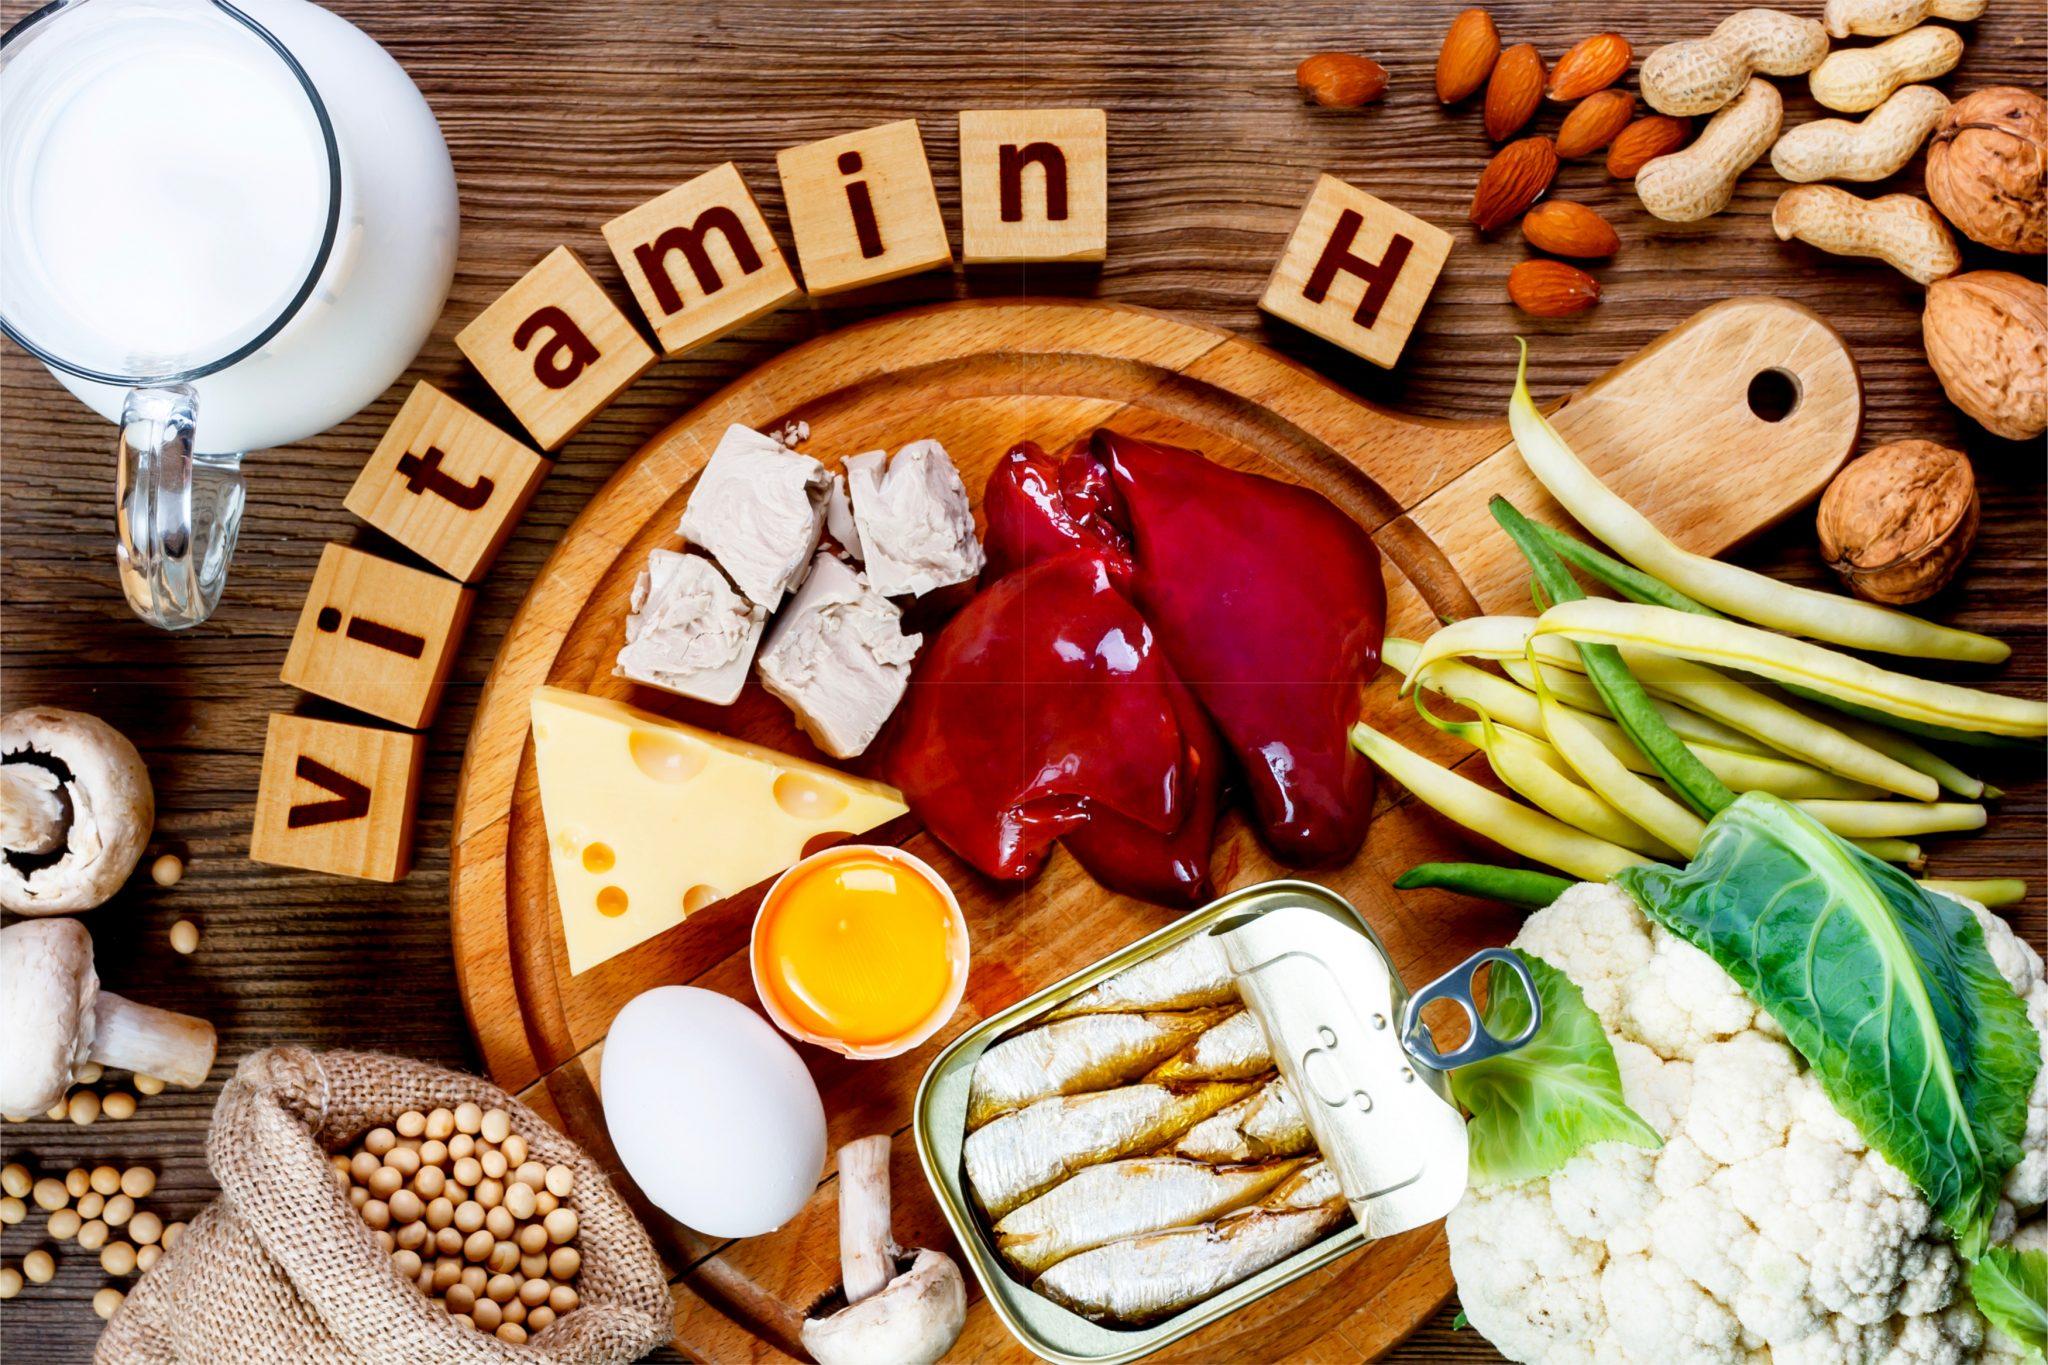 ビタミンHの木製のブロックとビタミンHを多く含む食べ物の写真